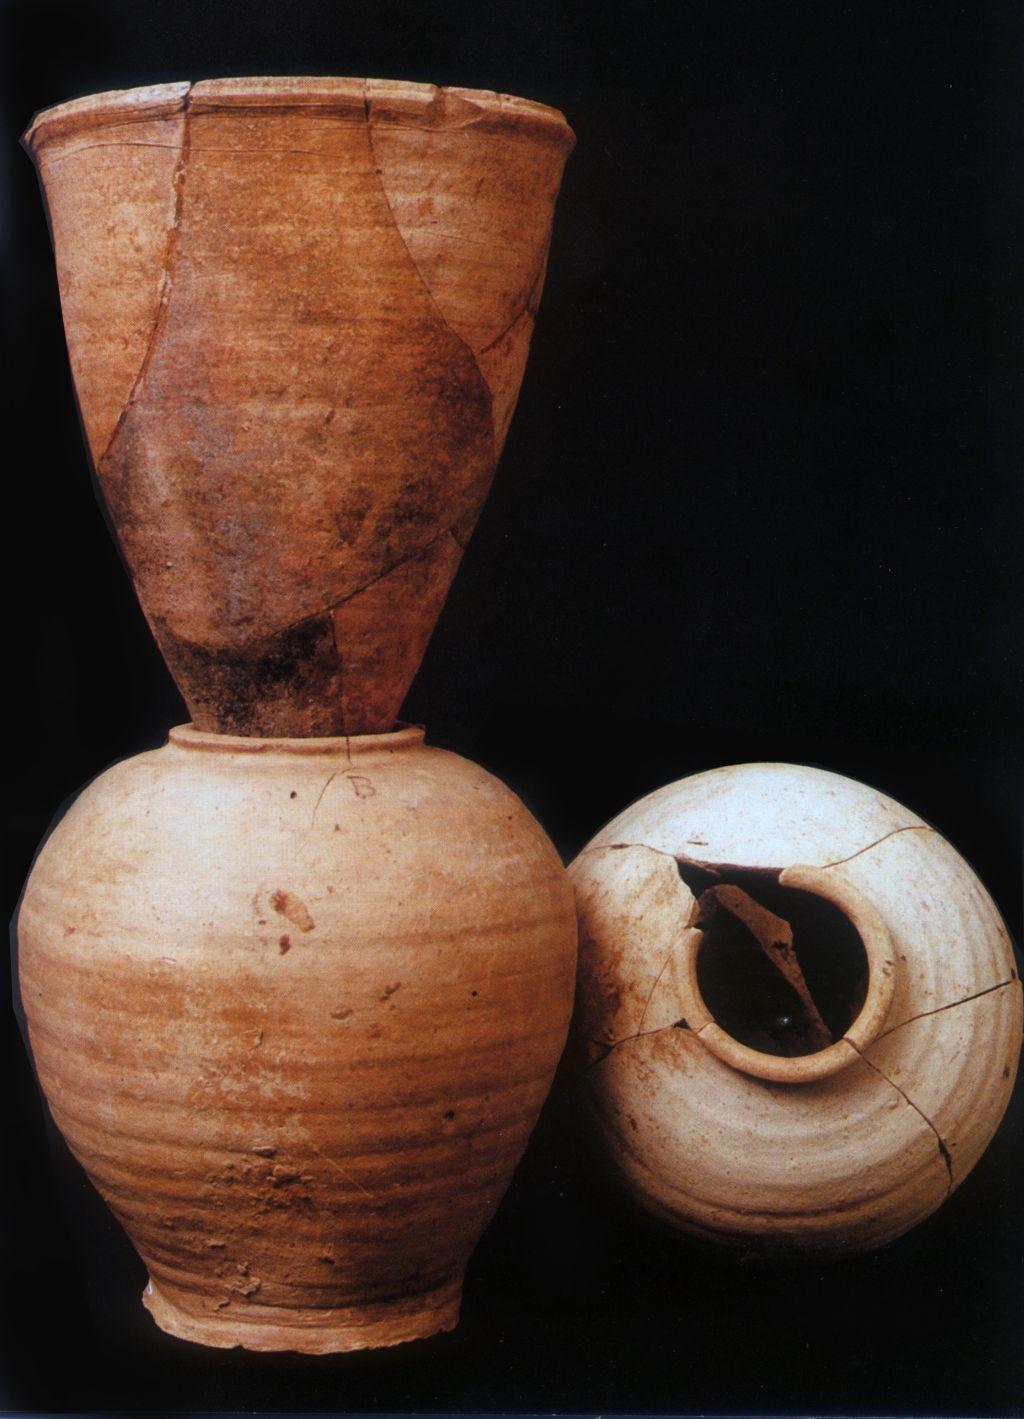 Poteries sucrières utilisées pour séparer le sucre de la mélasse : forme à sucre emboîtée dans un pot de raffineur. Photographie Pierre Buirette.